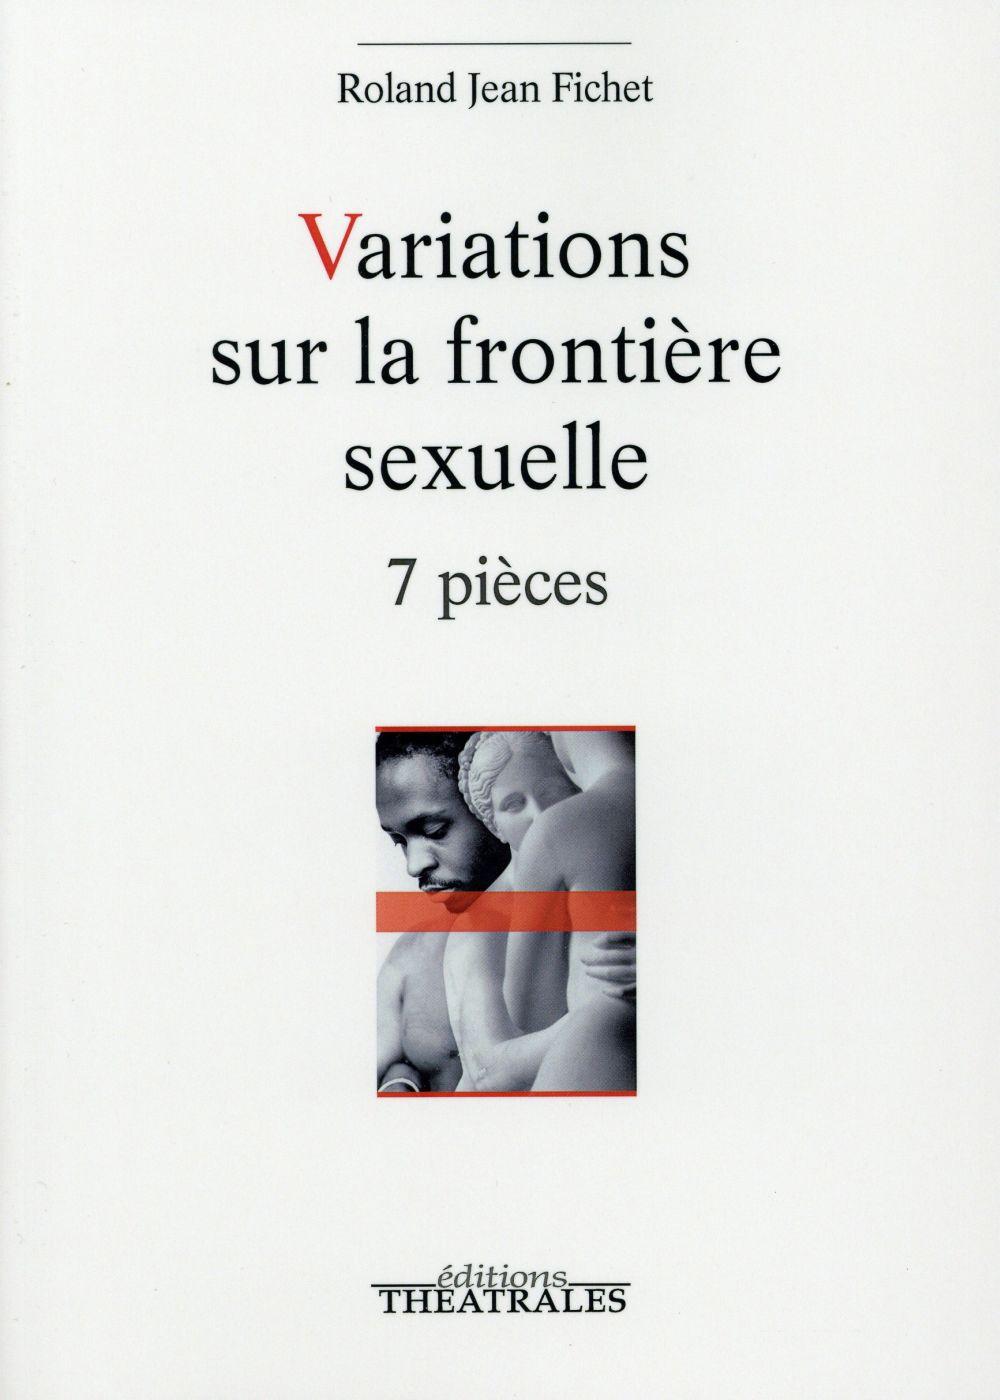 VARIATIONS SUR LA FRONTIERE SEXUELLE